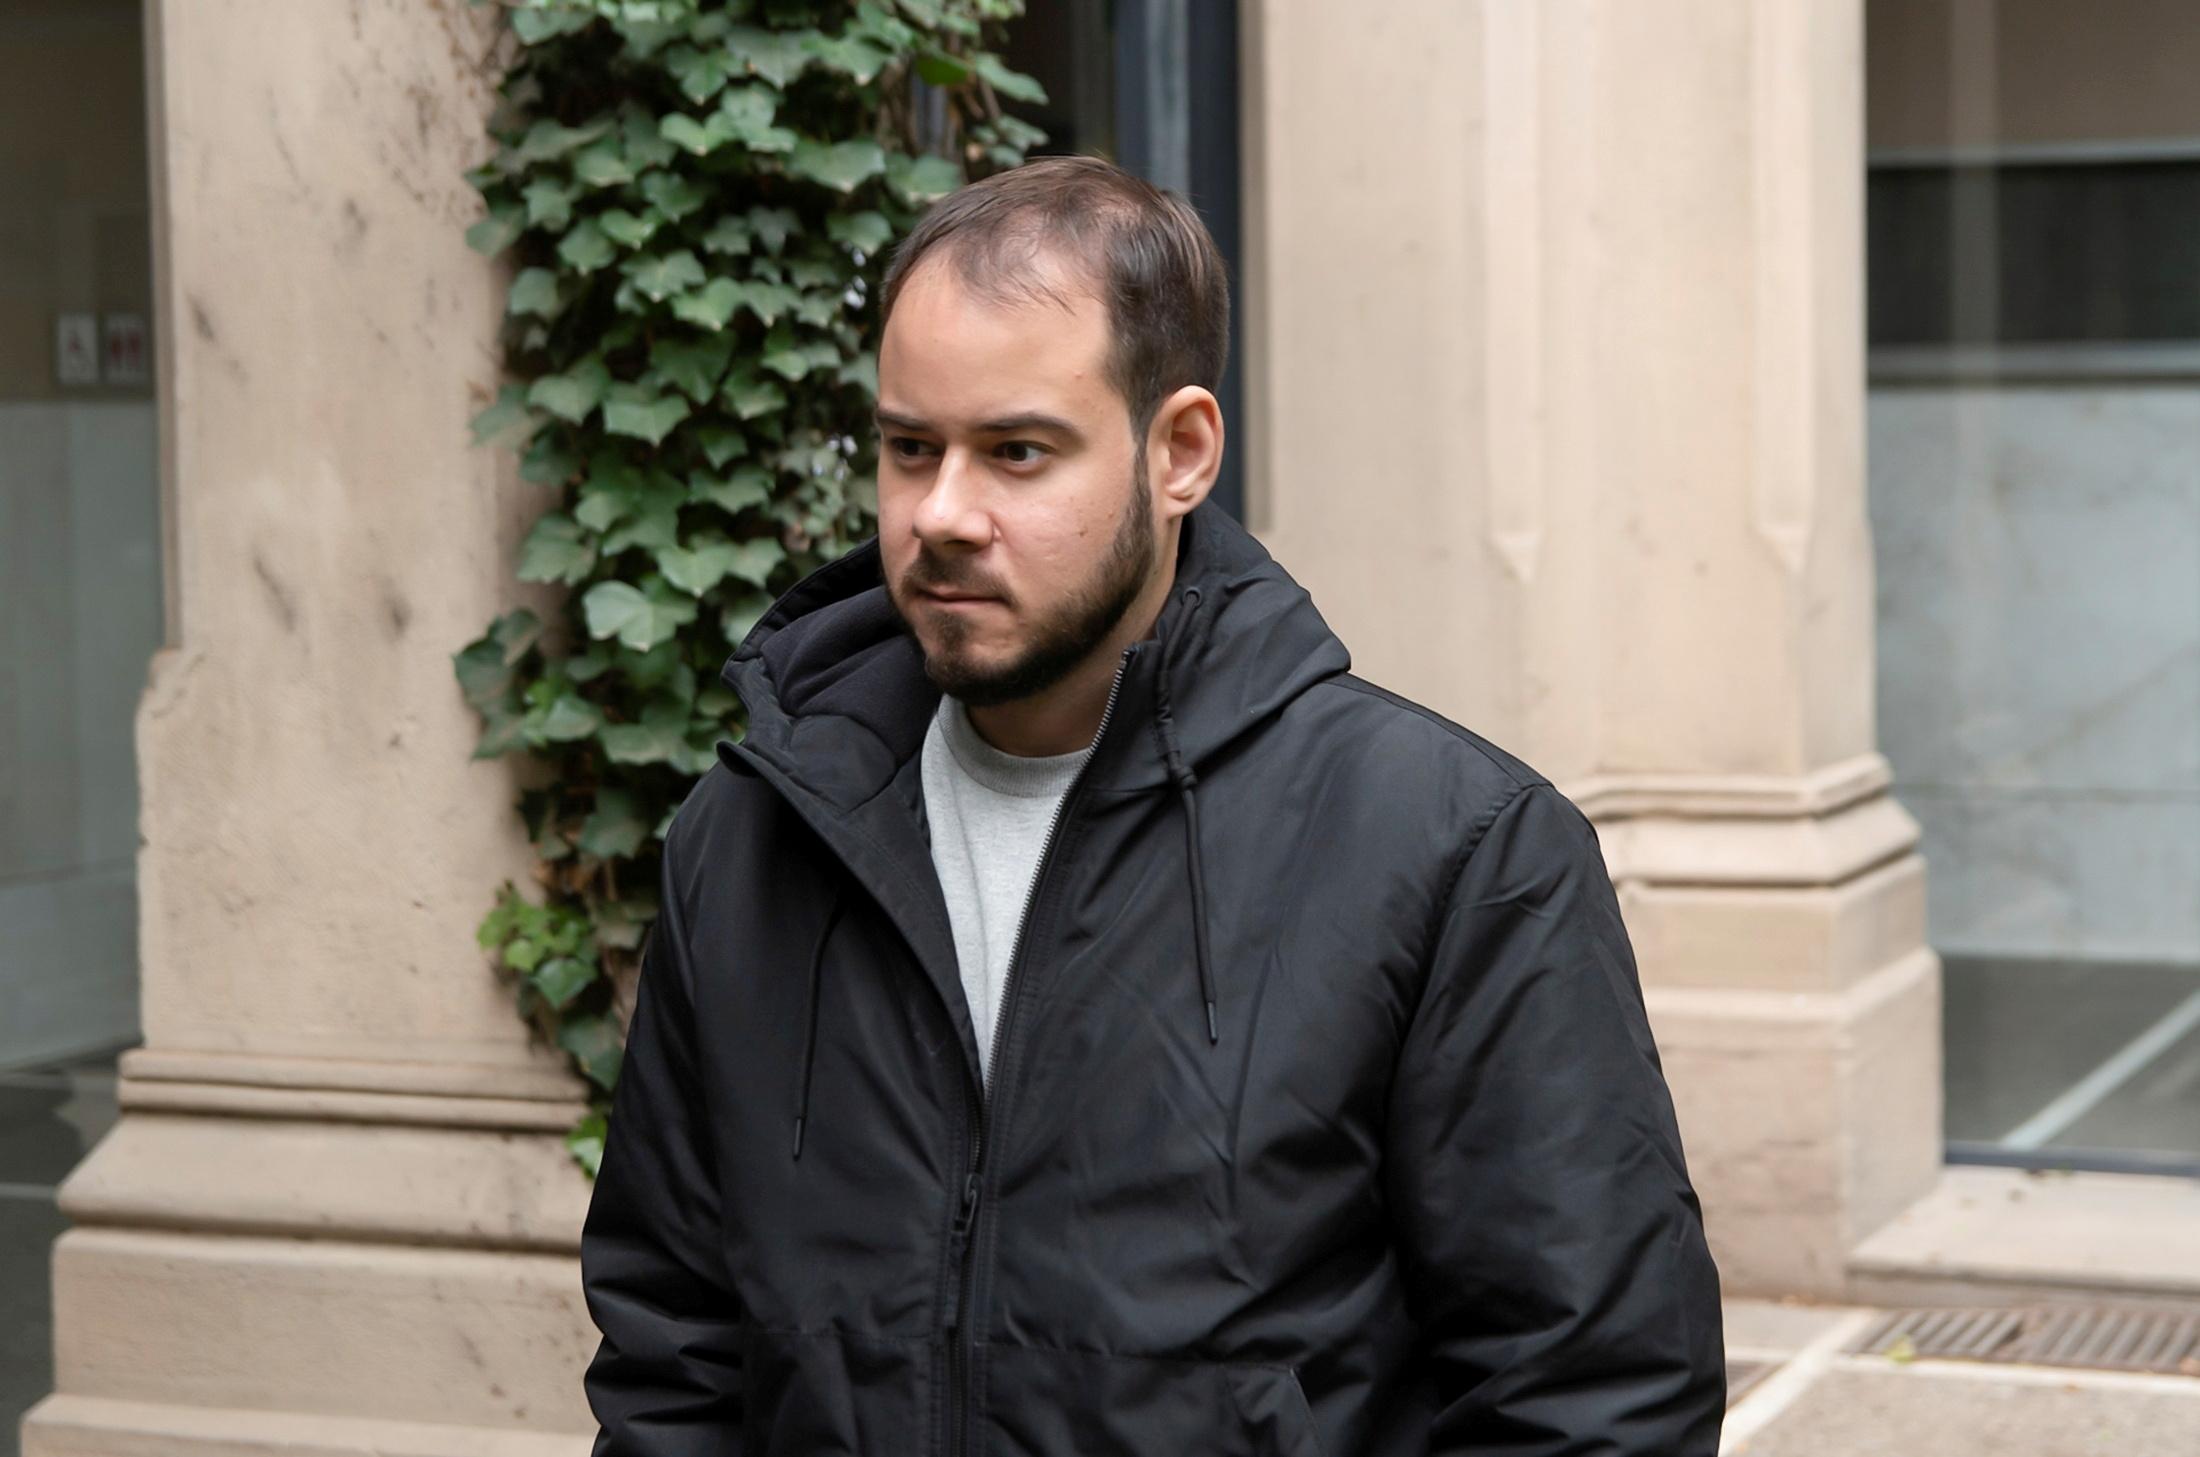 Ισπανία: Συνελήφθη ο γνωστός ράπερ που είχε ταμπουρωθεί σε Πανεπιστήμιο